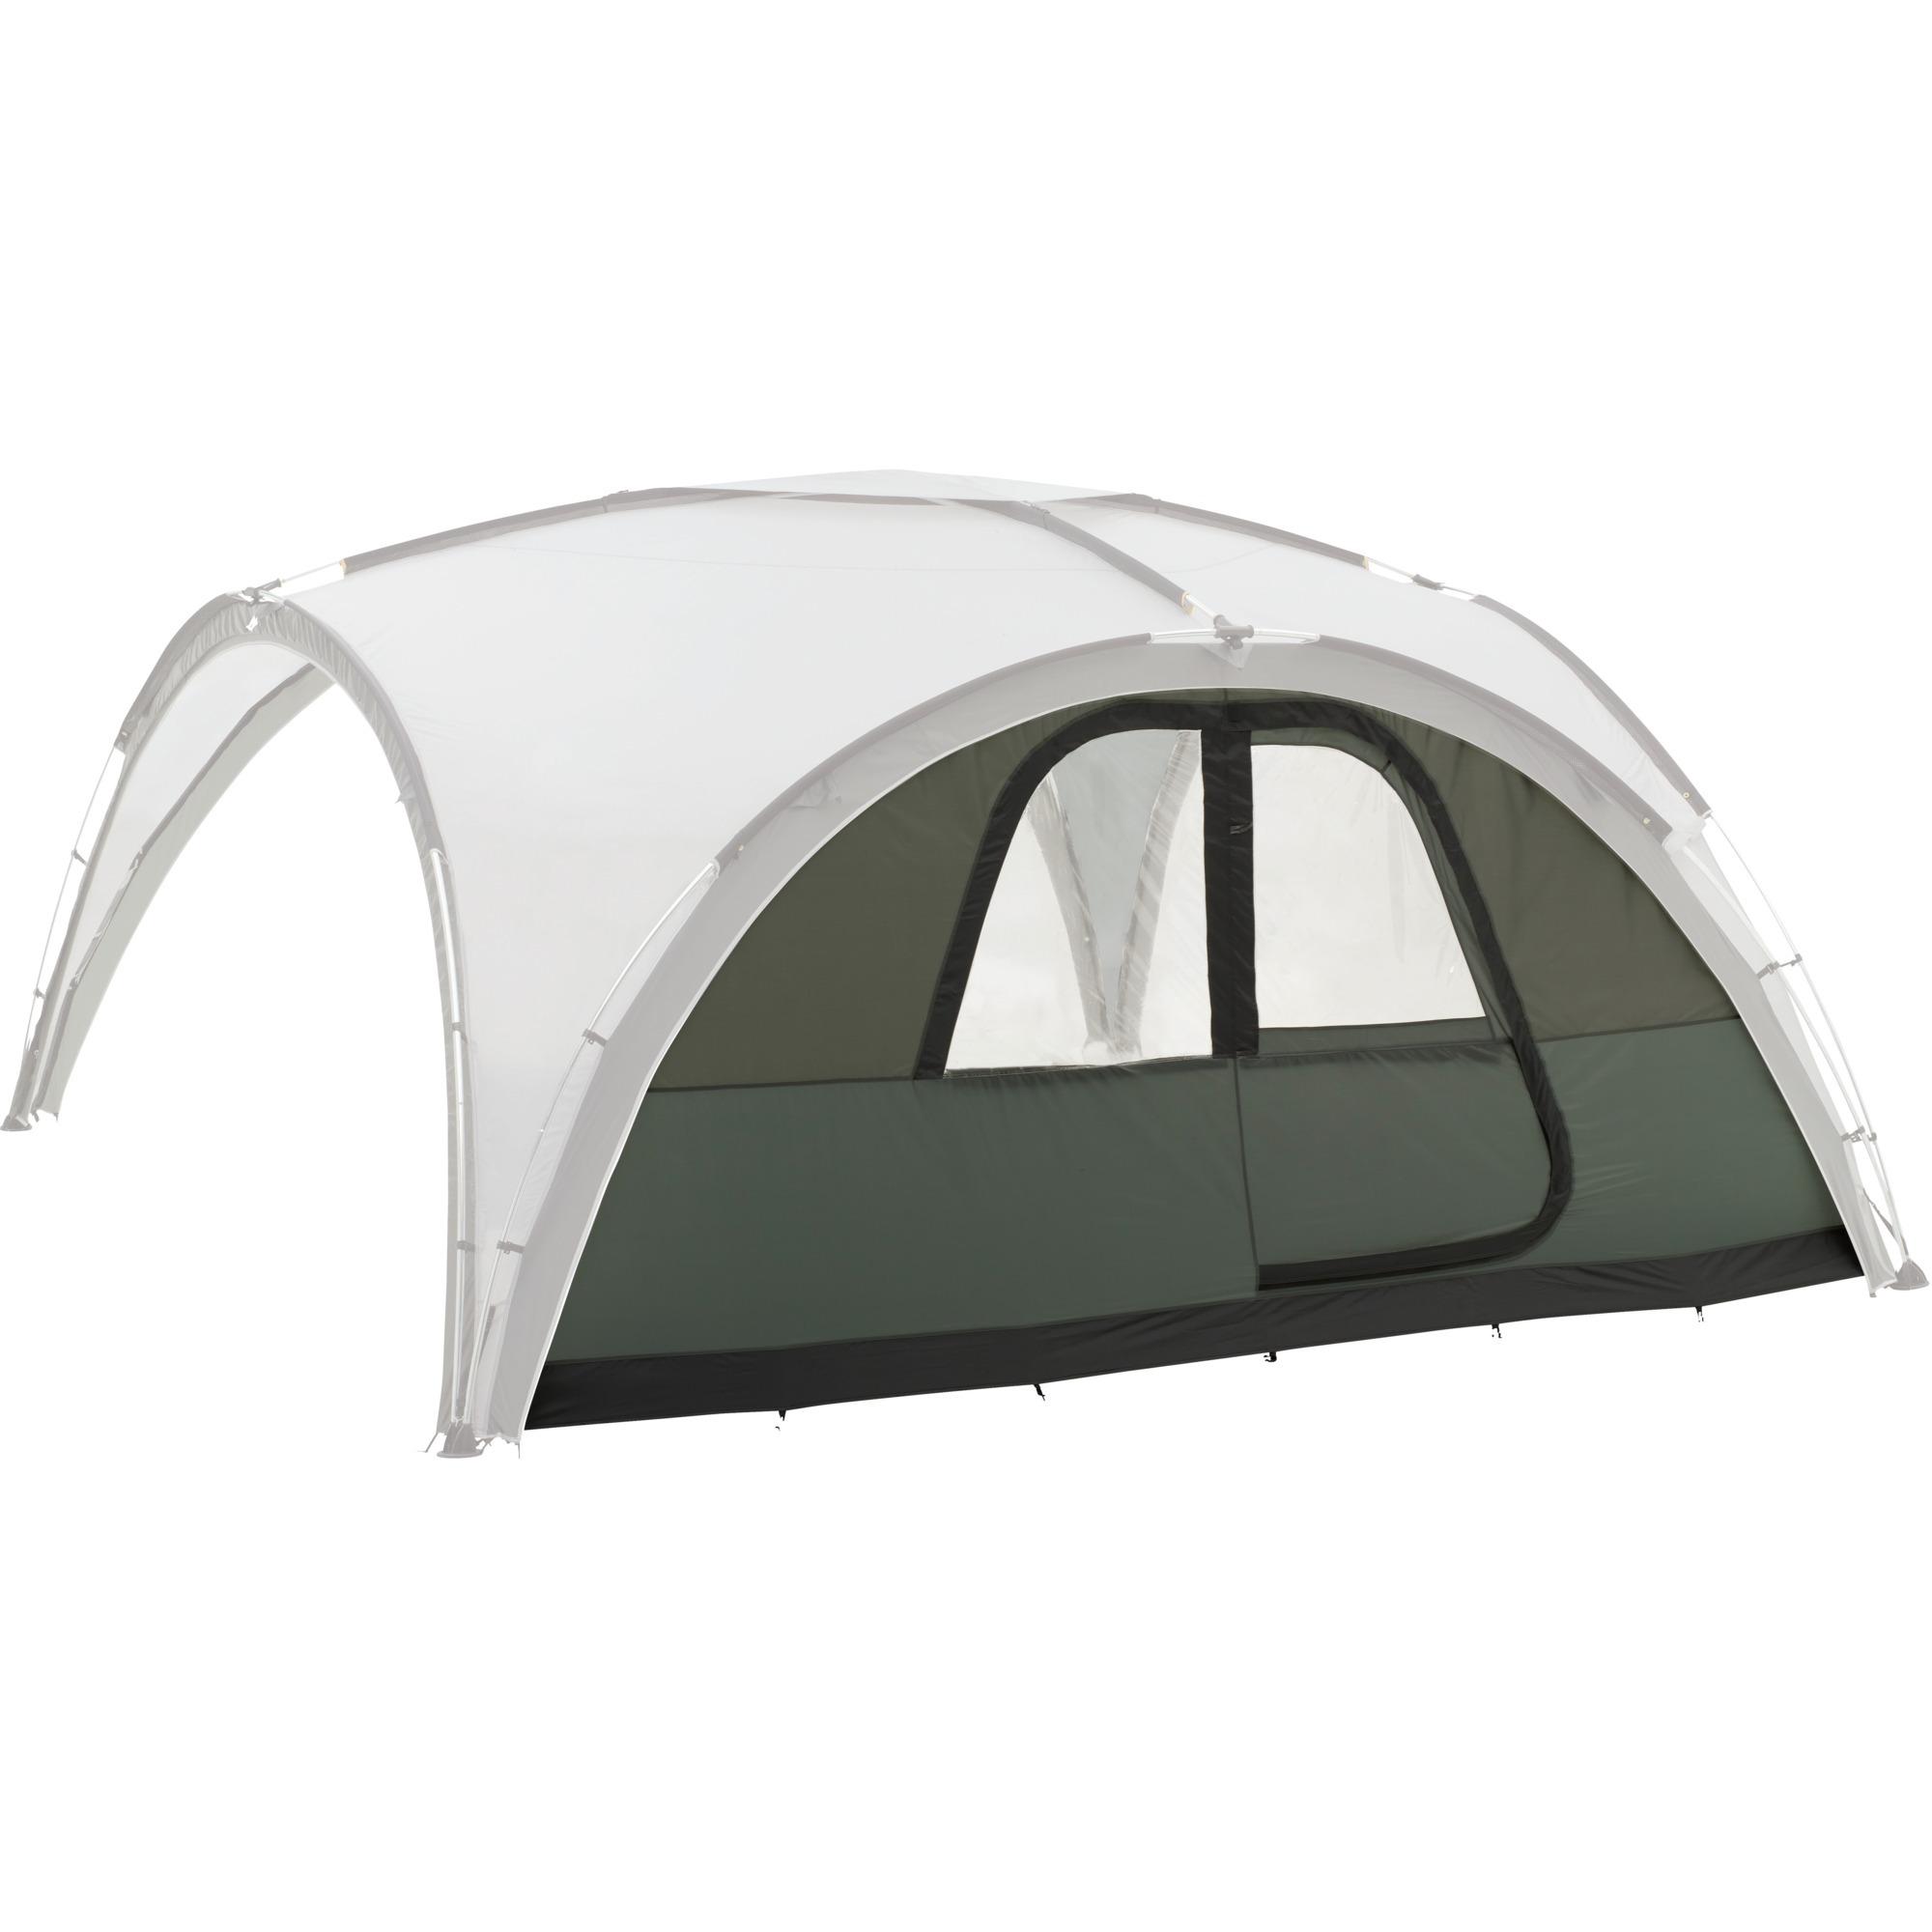 2000011831 Gris, Color blanco toldo y carpa para camping, Lateral